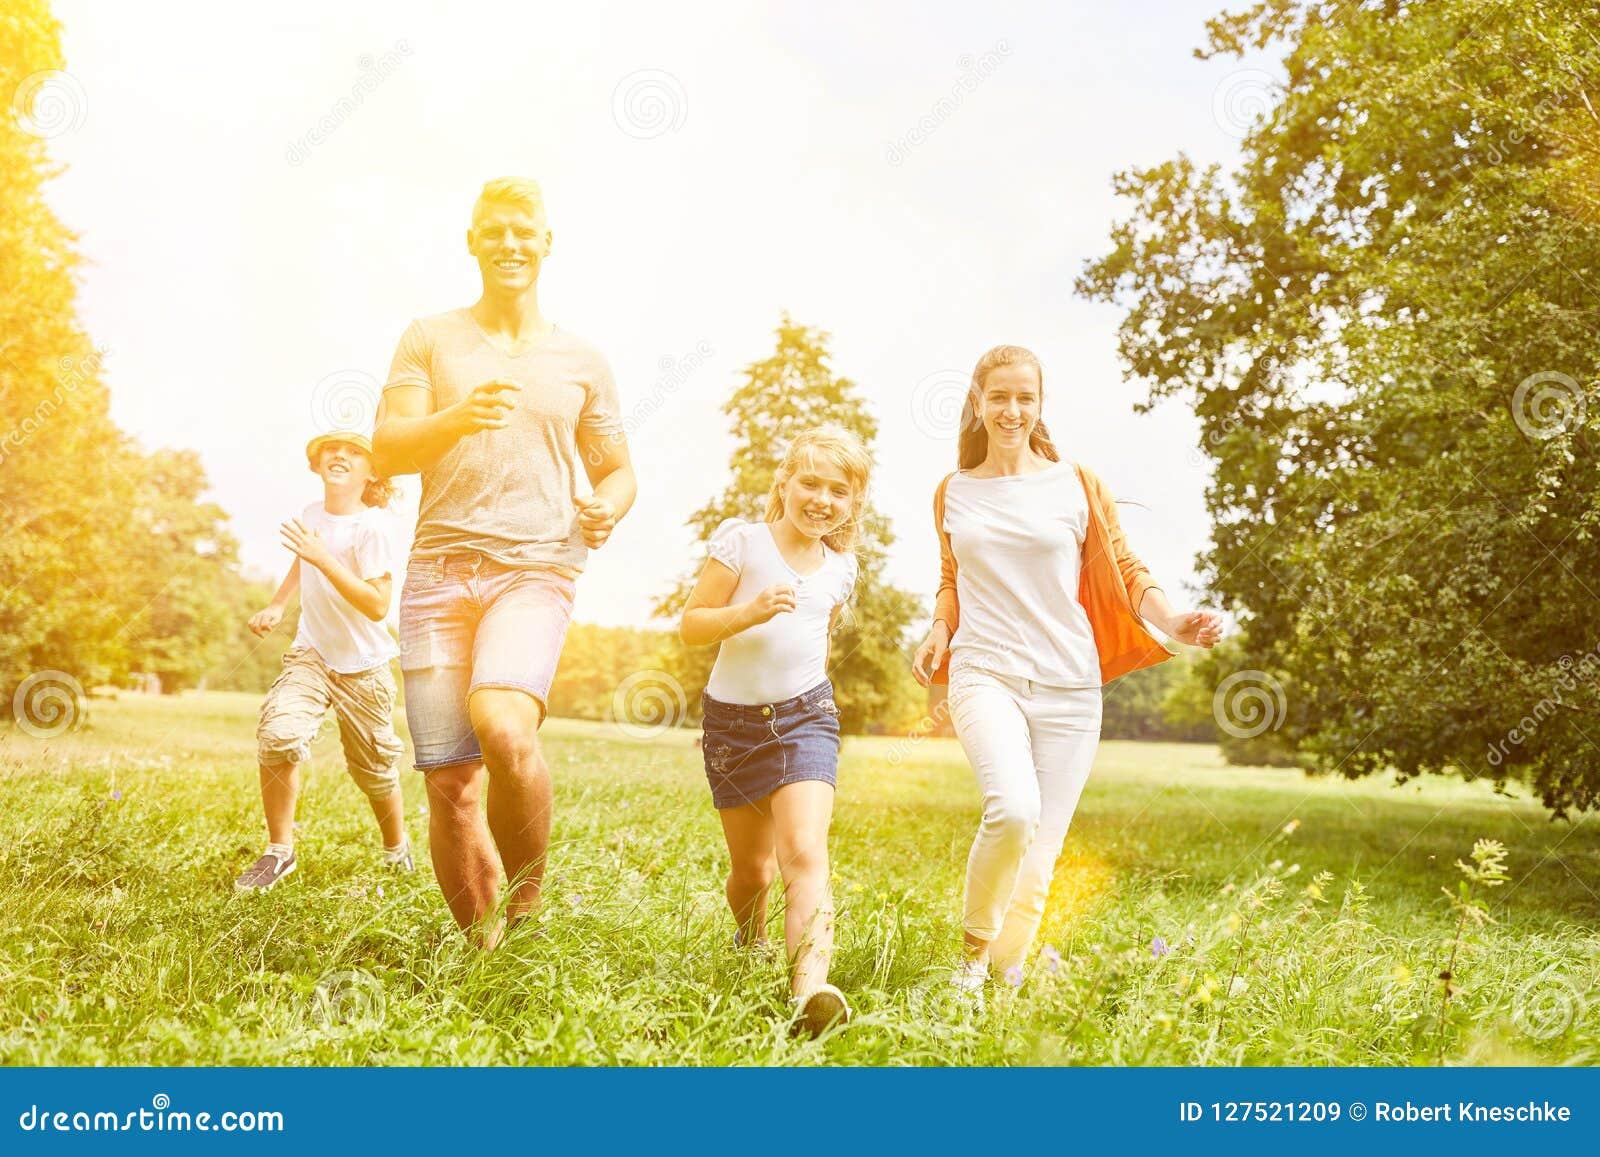 La famille et les enfants heureux courent ensemble comme sport